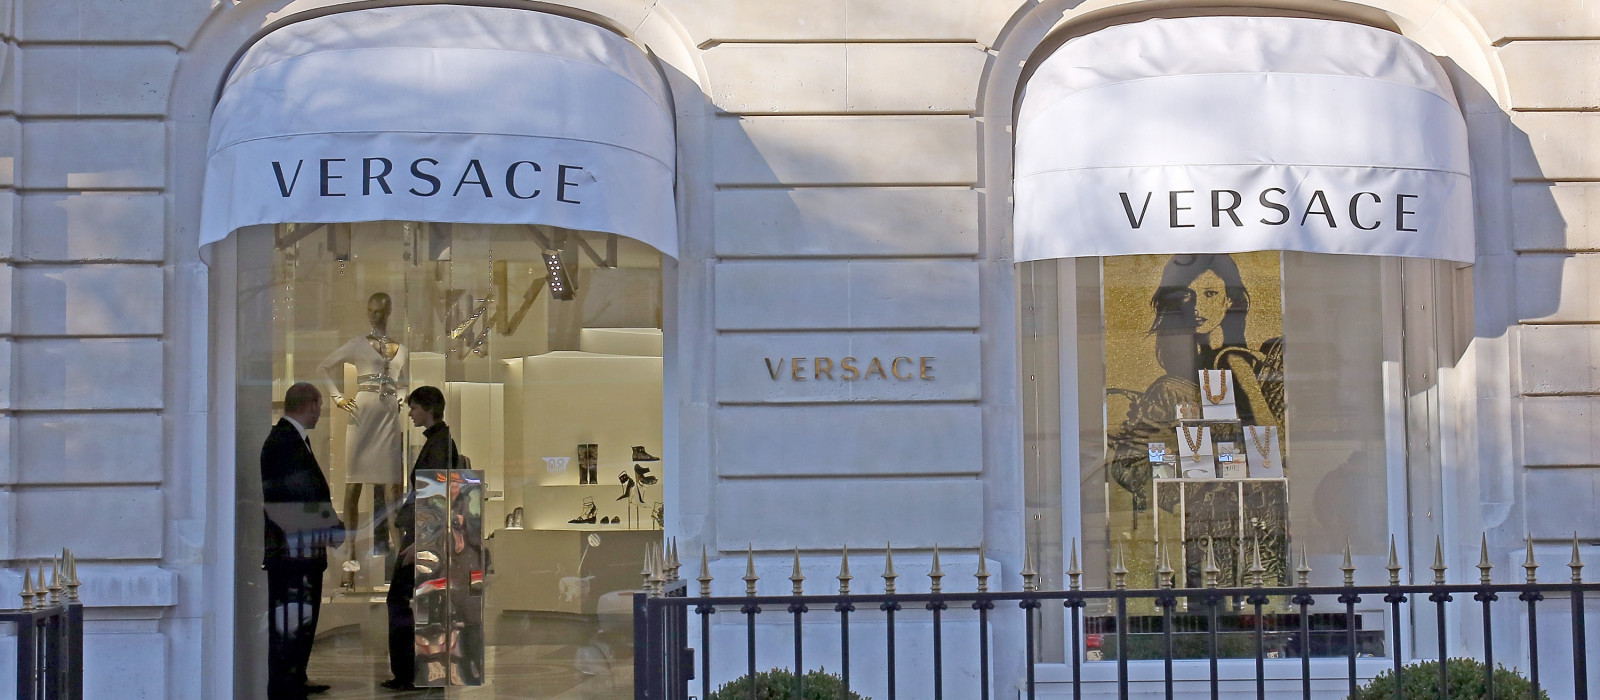 Incroyable Bonnes Adresses Paris Shopping #9: Les Bonnes Adresses Shopping à Paris